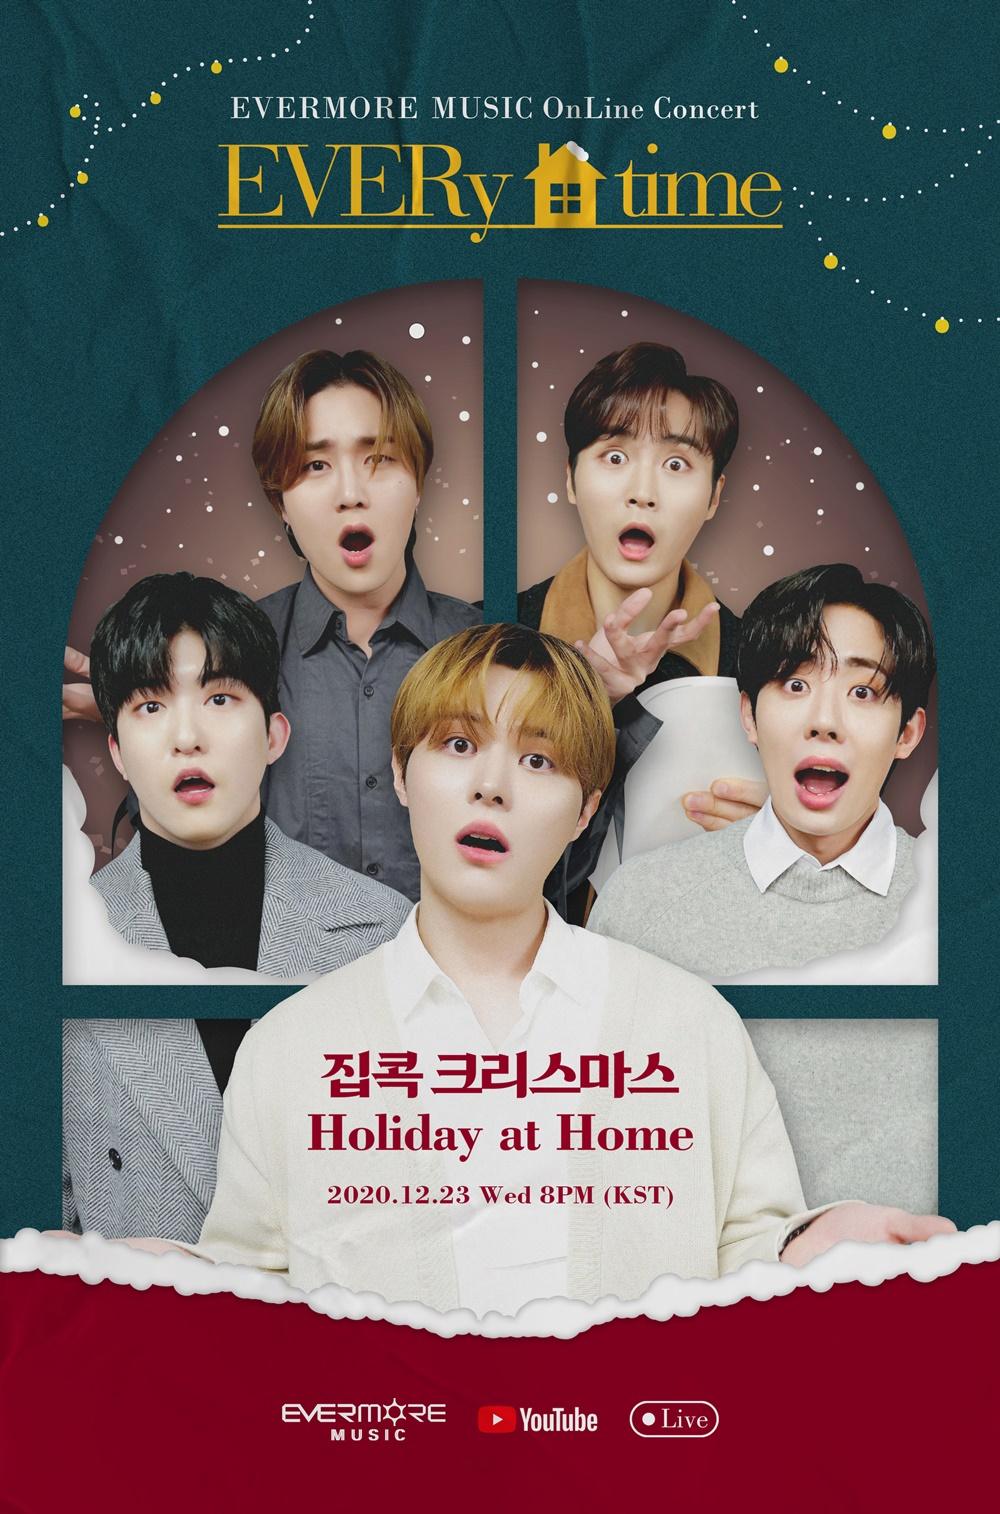 에버모어뮤직, 23일 온라인 콘서트 'EVERy time' 개최...보이스퍼·아이반 ...